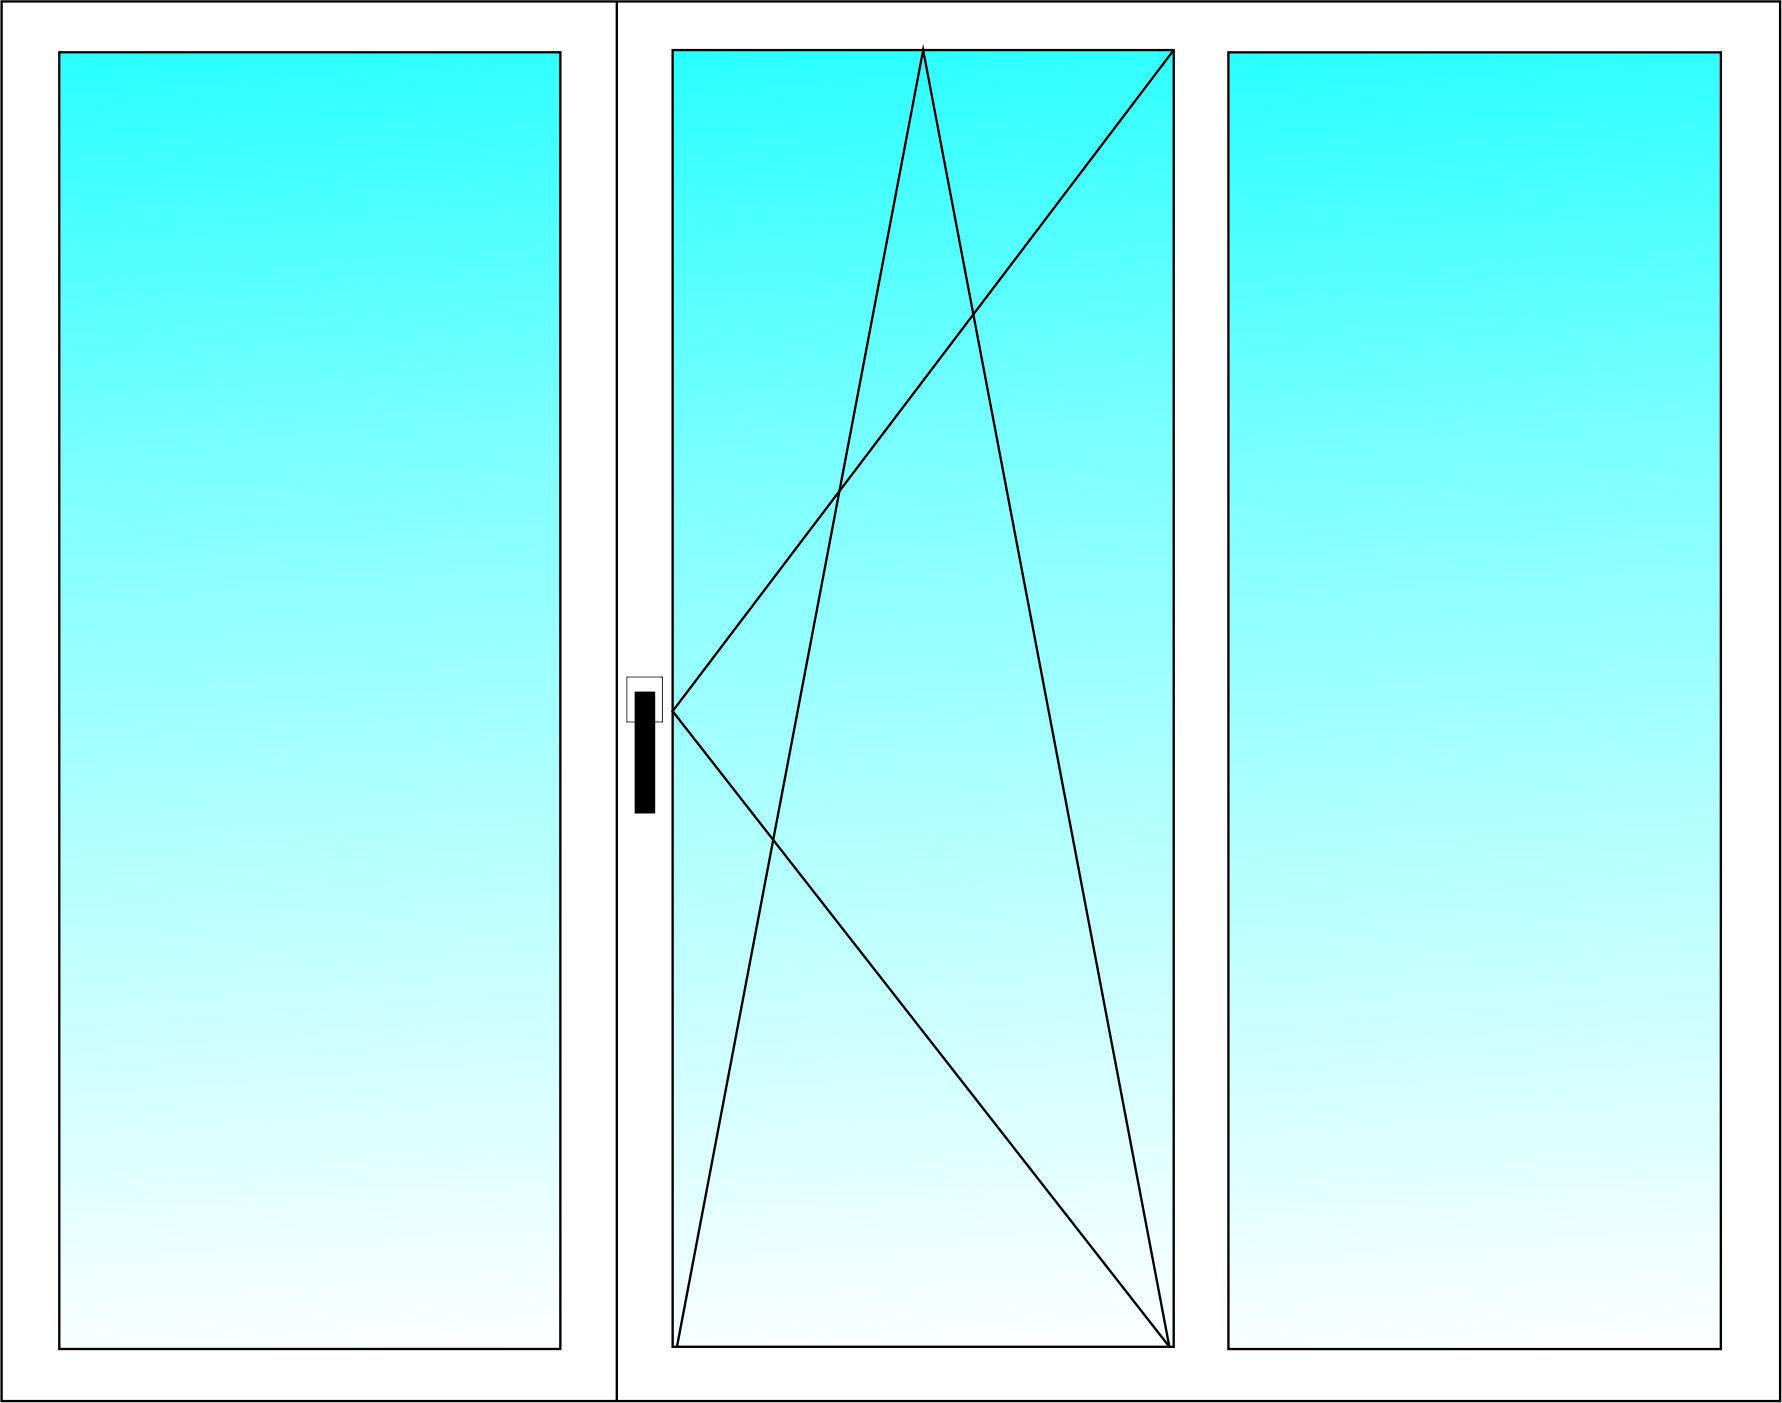 Окно трёхстворчатое ALUPLAST 5-ти камерный профиль с однокамерным энергосберегающим стеклопакетом 1350х1700 мм